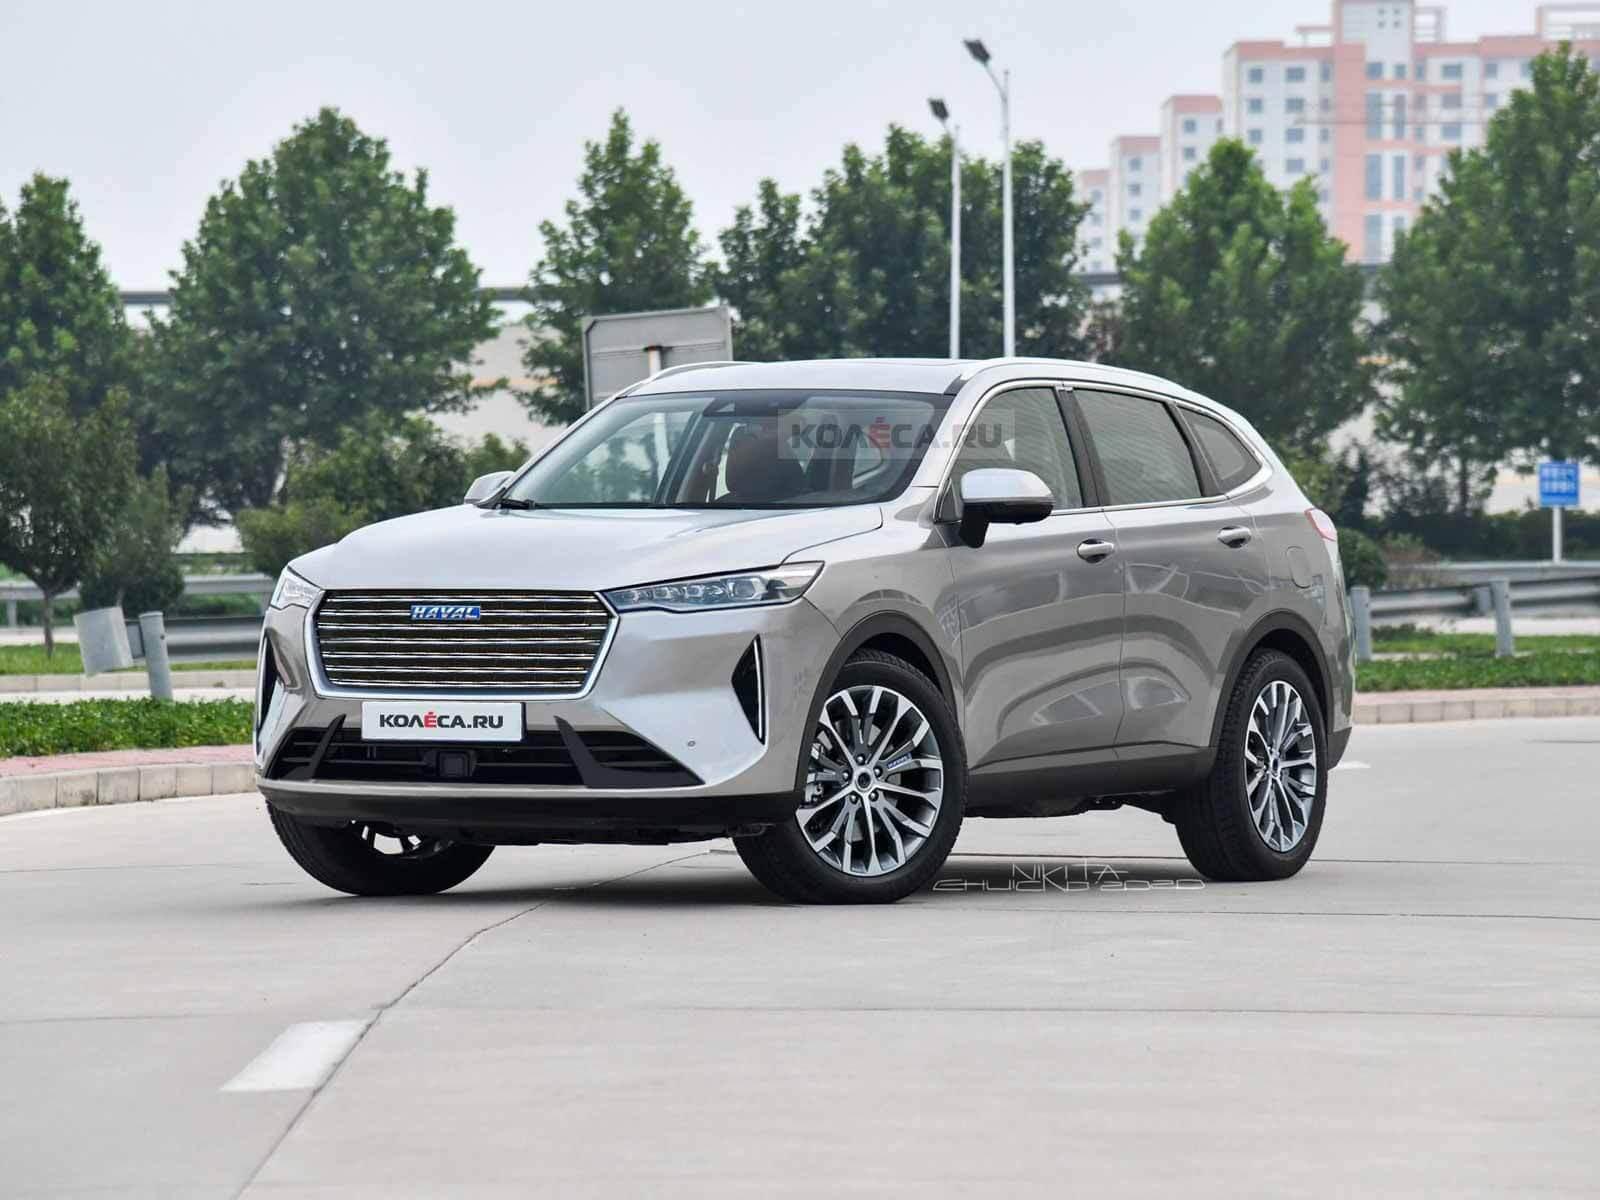 Новый Haval H6 2021 - Kolesa.ru - автомобильный журнал